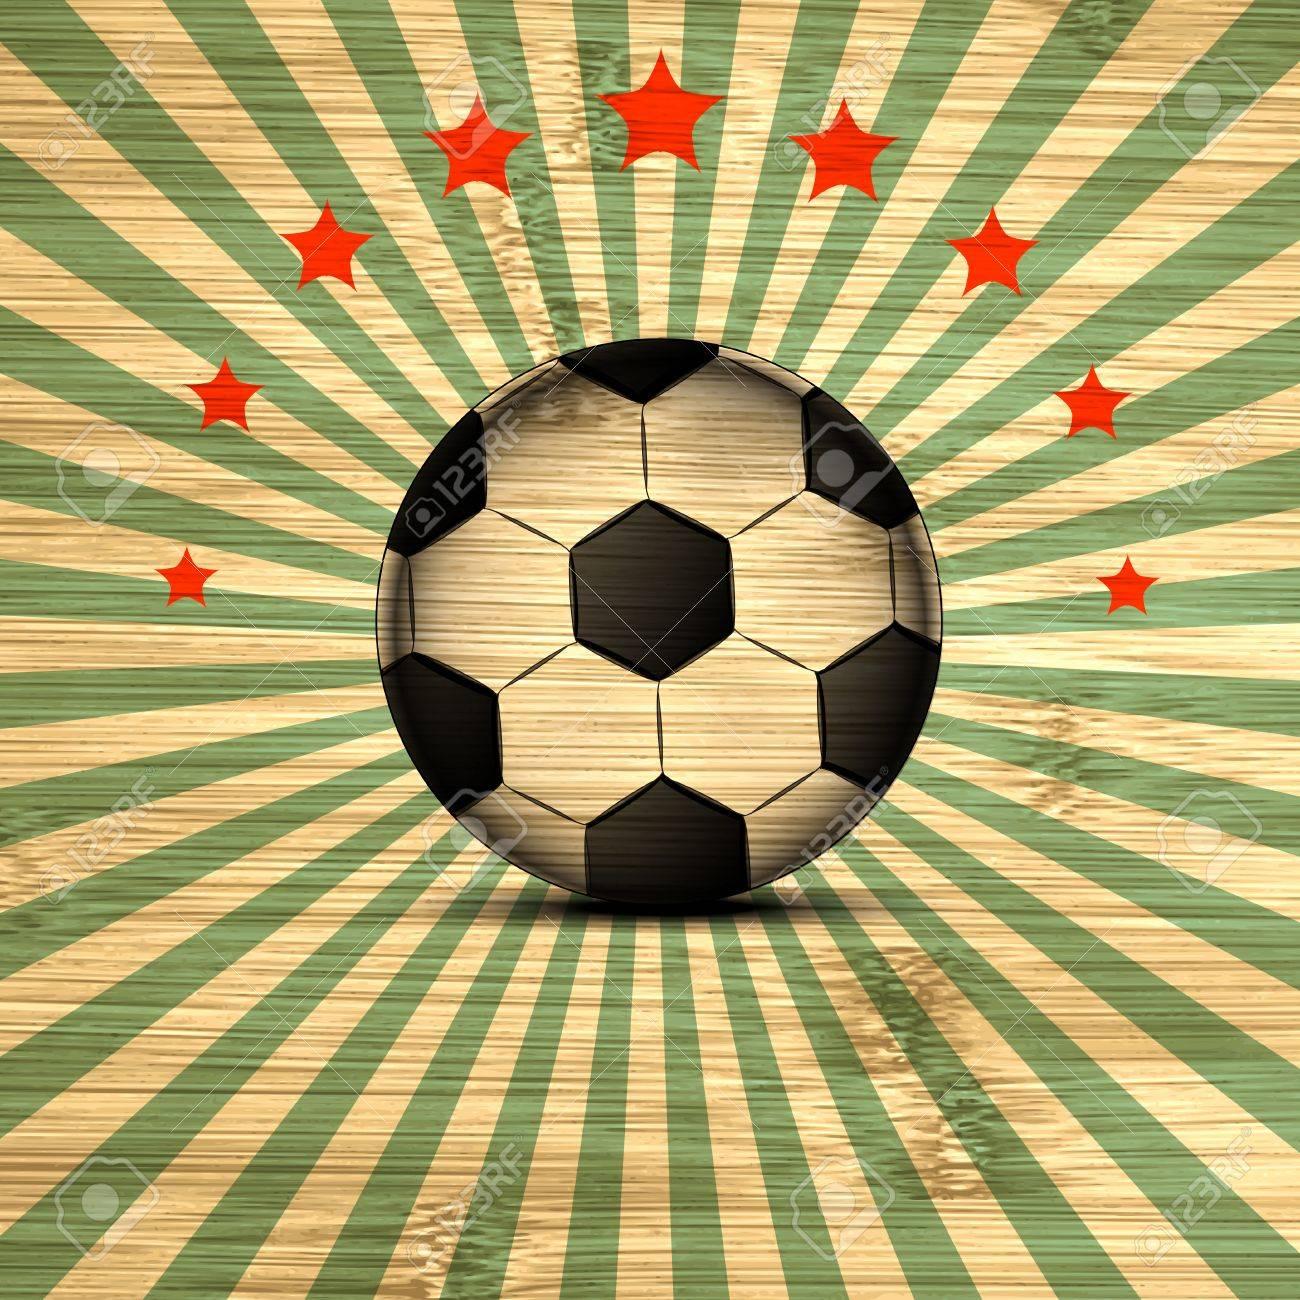 Foto de archivo - Tarjeta retra de fútbol Ilustración en colores de la  bandera de Brasil. El balón de fútbol. d6027ef51b5bf